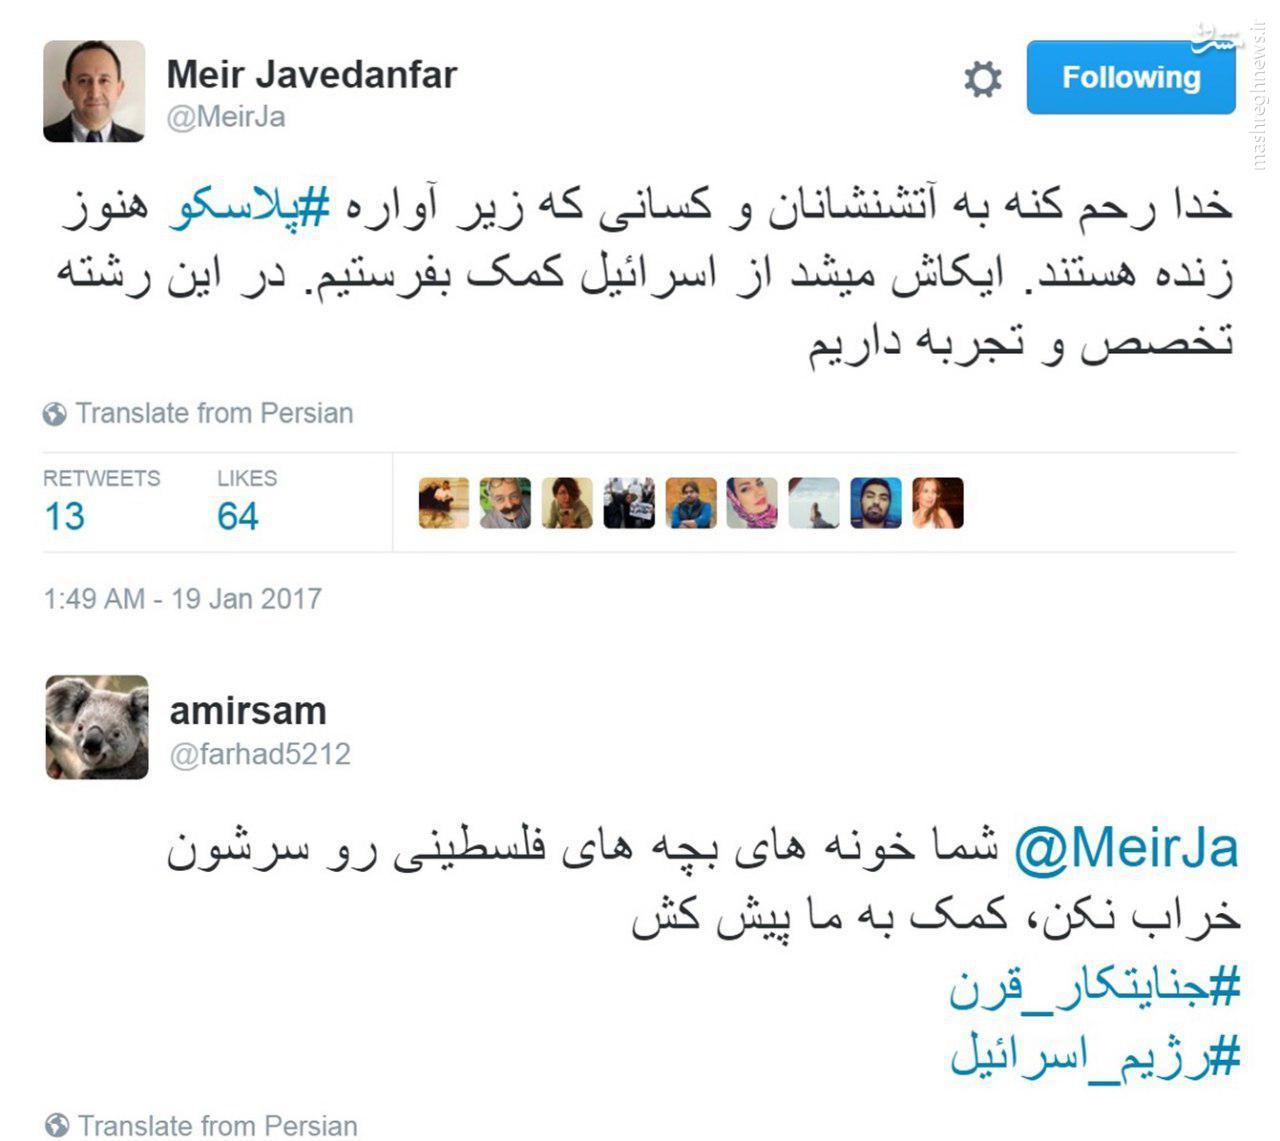 واکنشهای توئیتری به #مرده_خوران_سیاسی حادثه پلاسکو